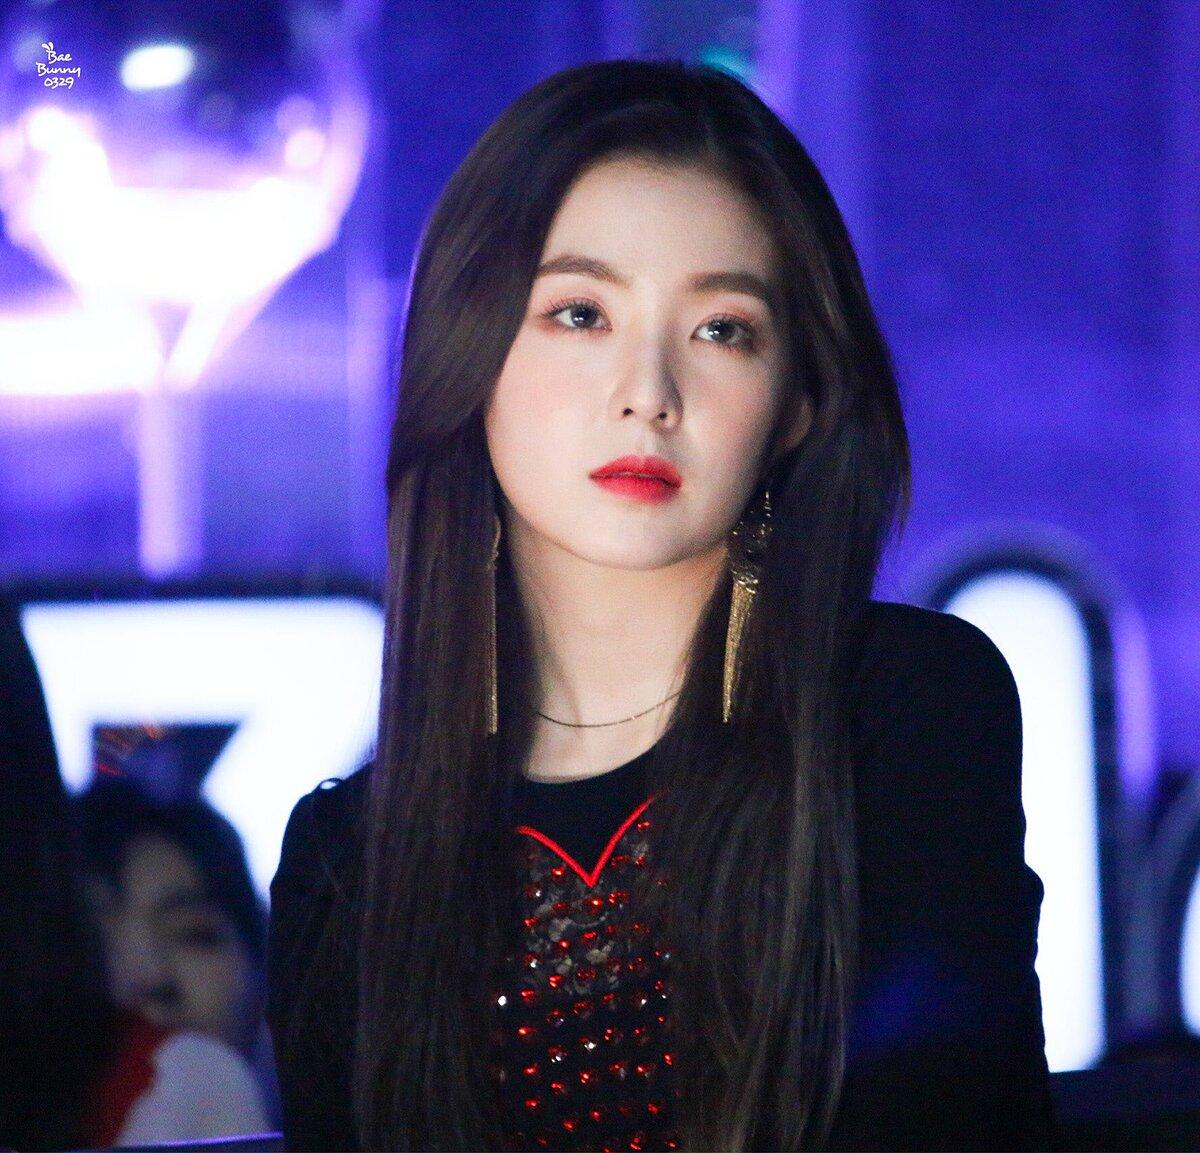 Irene là nhân vật trong tầm ngắm sau bài đăng gây bão của biên tập viên.